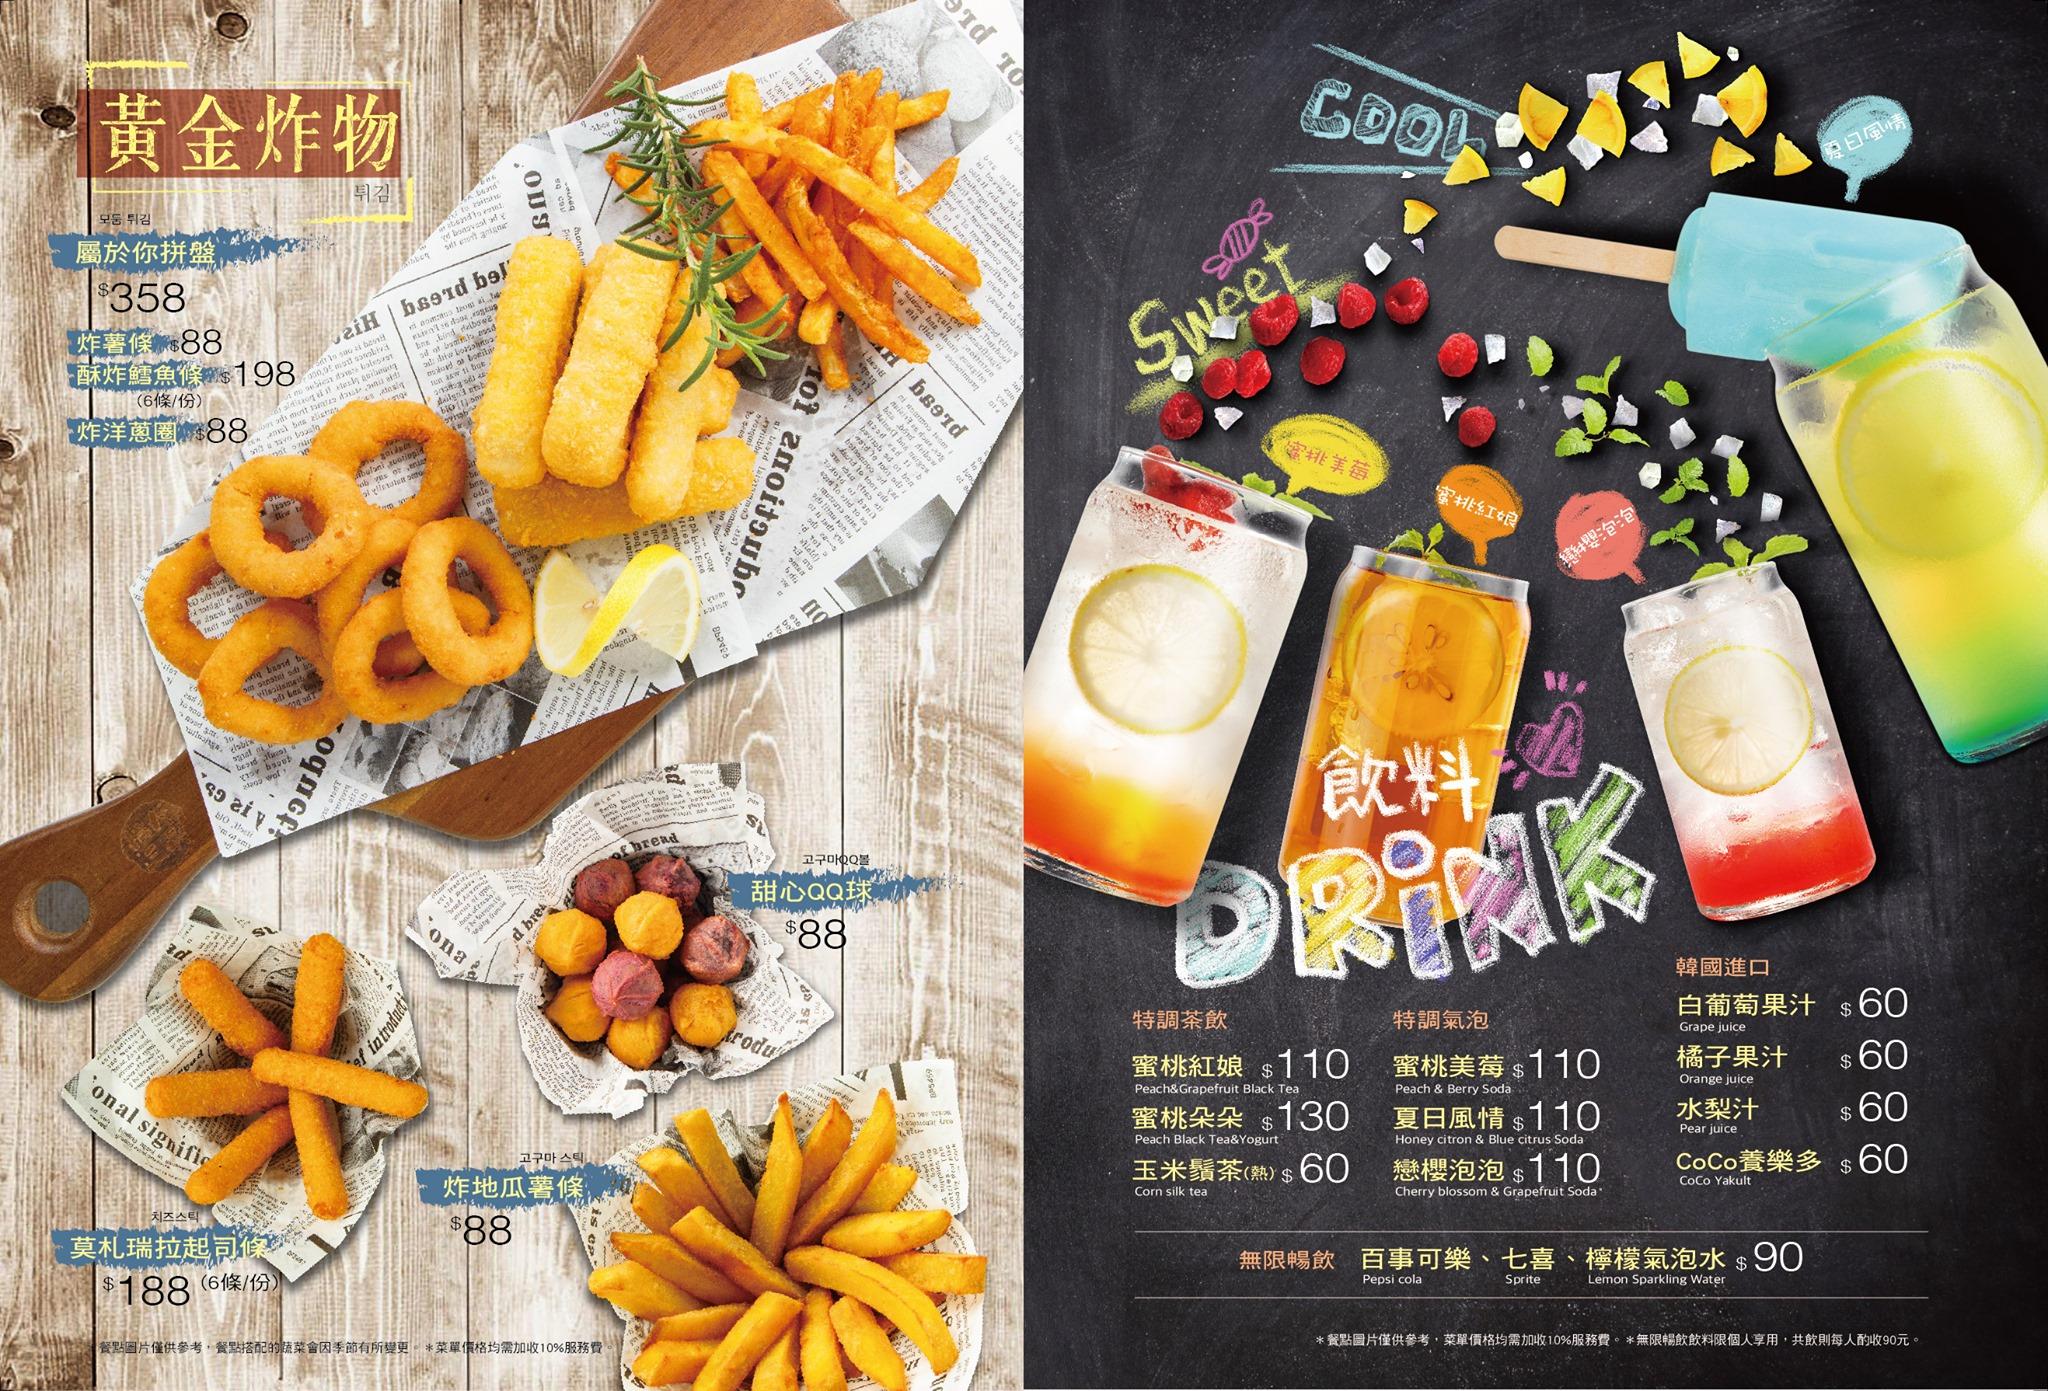 [南京復興美食]bb.q CHICKEN 旗艦店(附完整菜單)/韓劇鬼怪炸雞/世界最大的韓式炸雞店